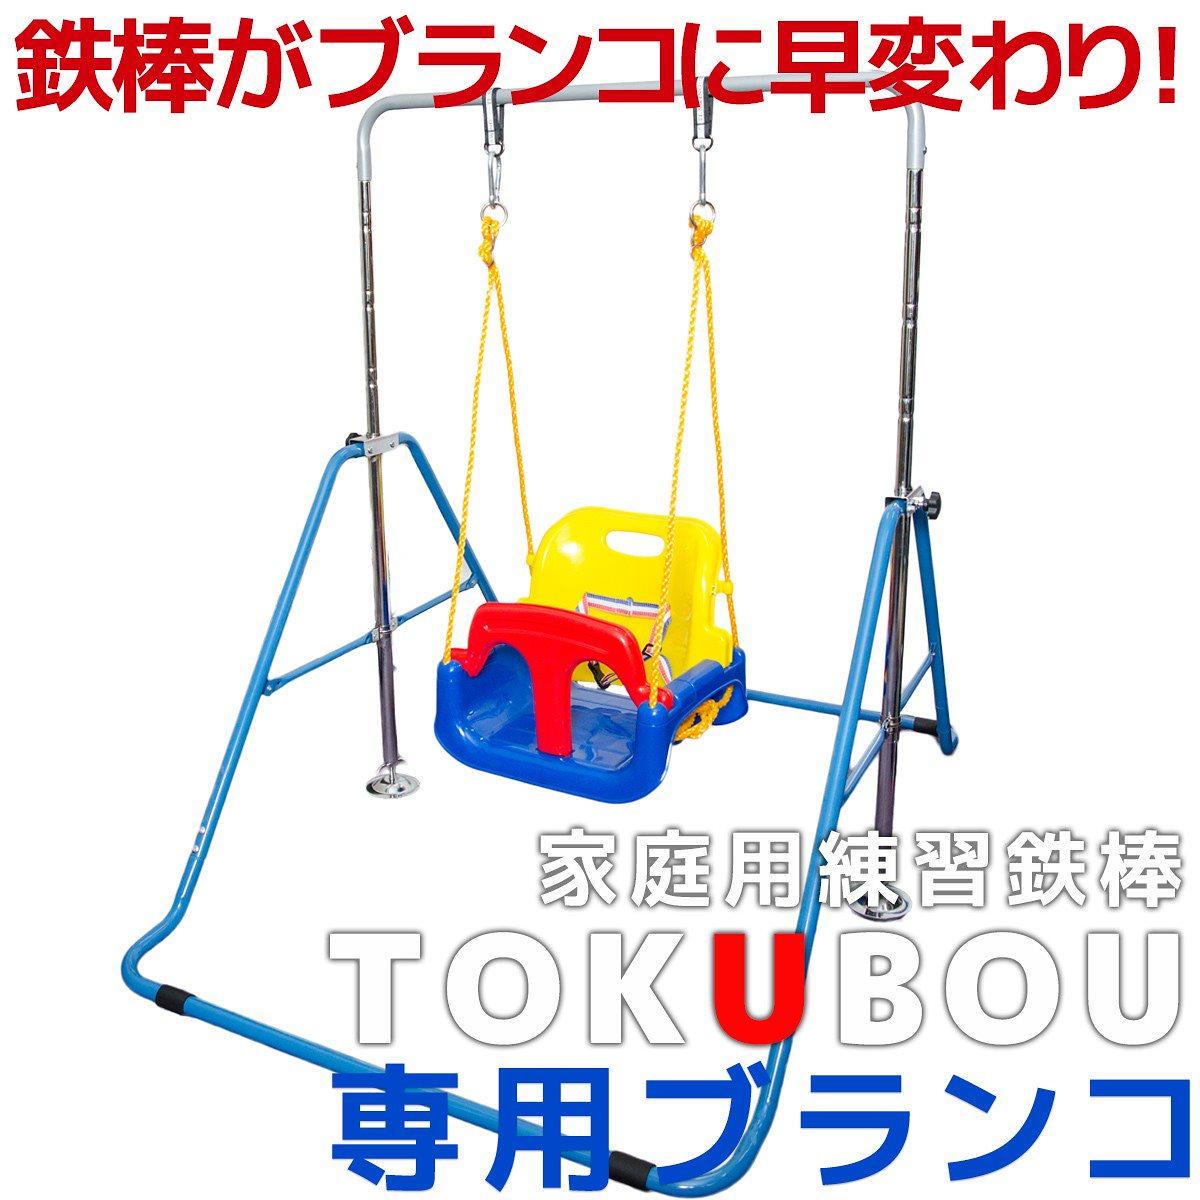 子供用 ブランコ MRG TOKUBOU 鉄棒に取り付け可能 背もたれタイプ 室内 屋外 家庭用 鉄棒 プレゼント ギフト 男の子 女の子